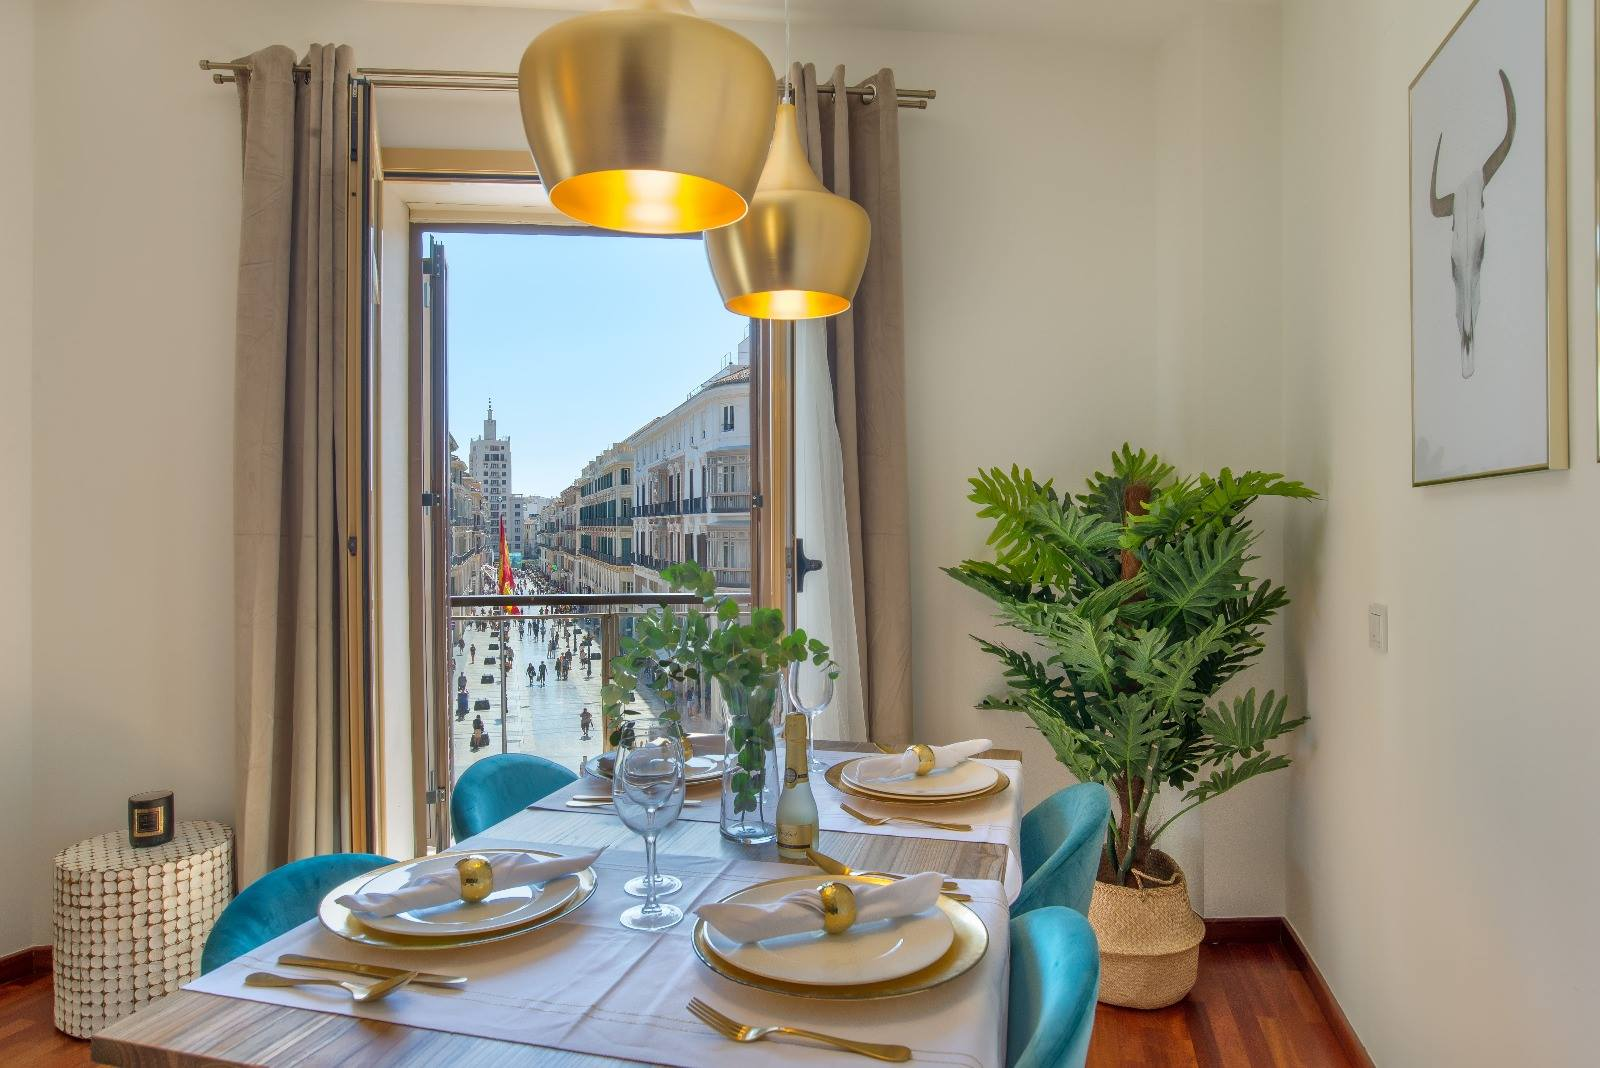 Proyectos de decoración de interiores en Málaga